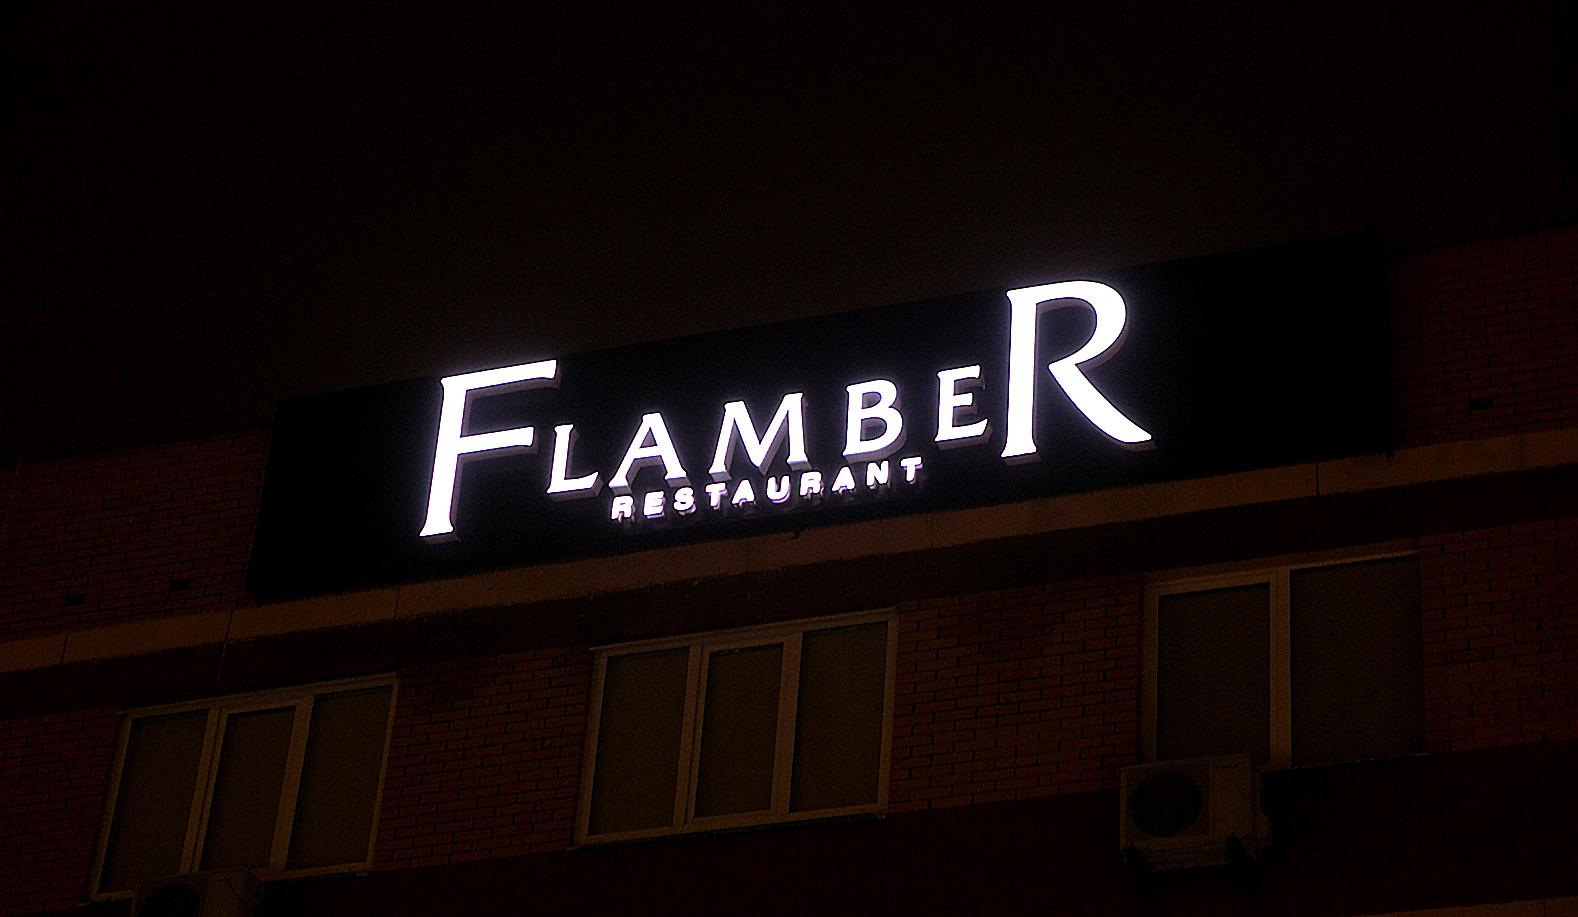 Виготовлення та монтаж об'ємних букв із внутрішньою підсвіткою для ресторану «Flamber»